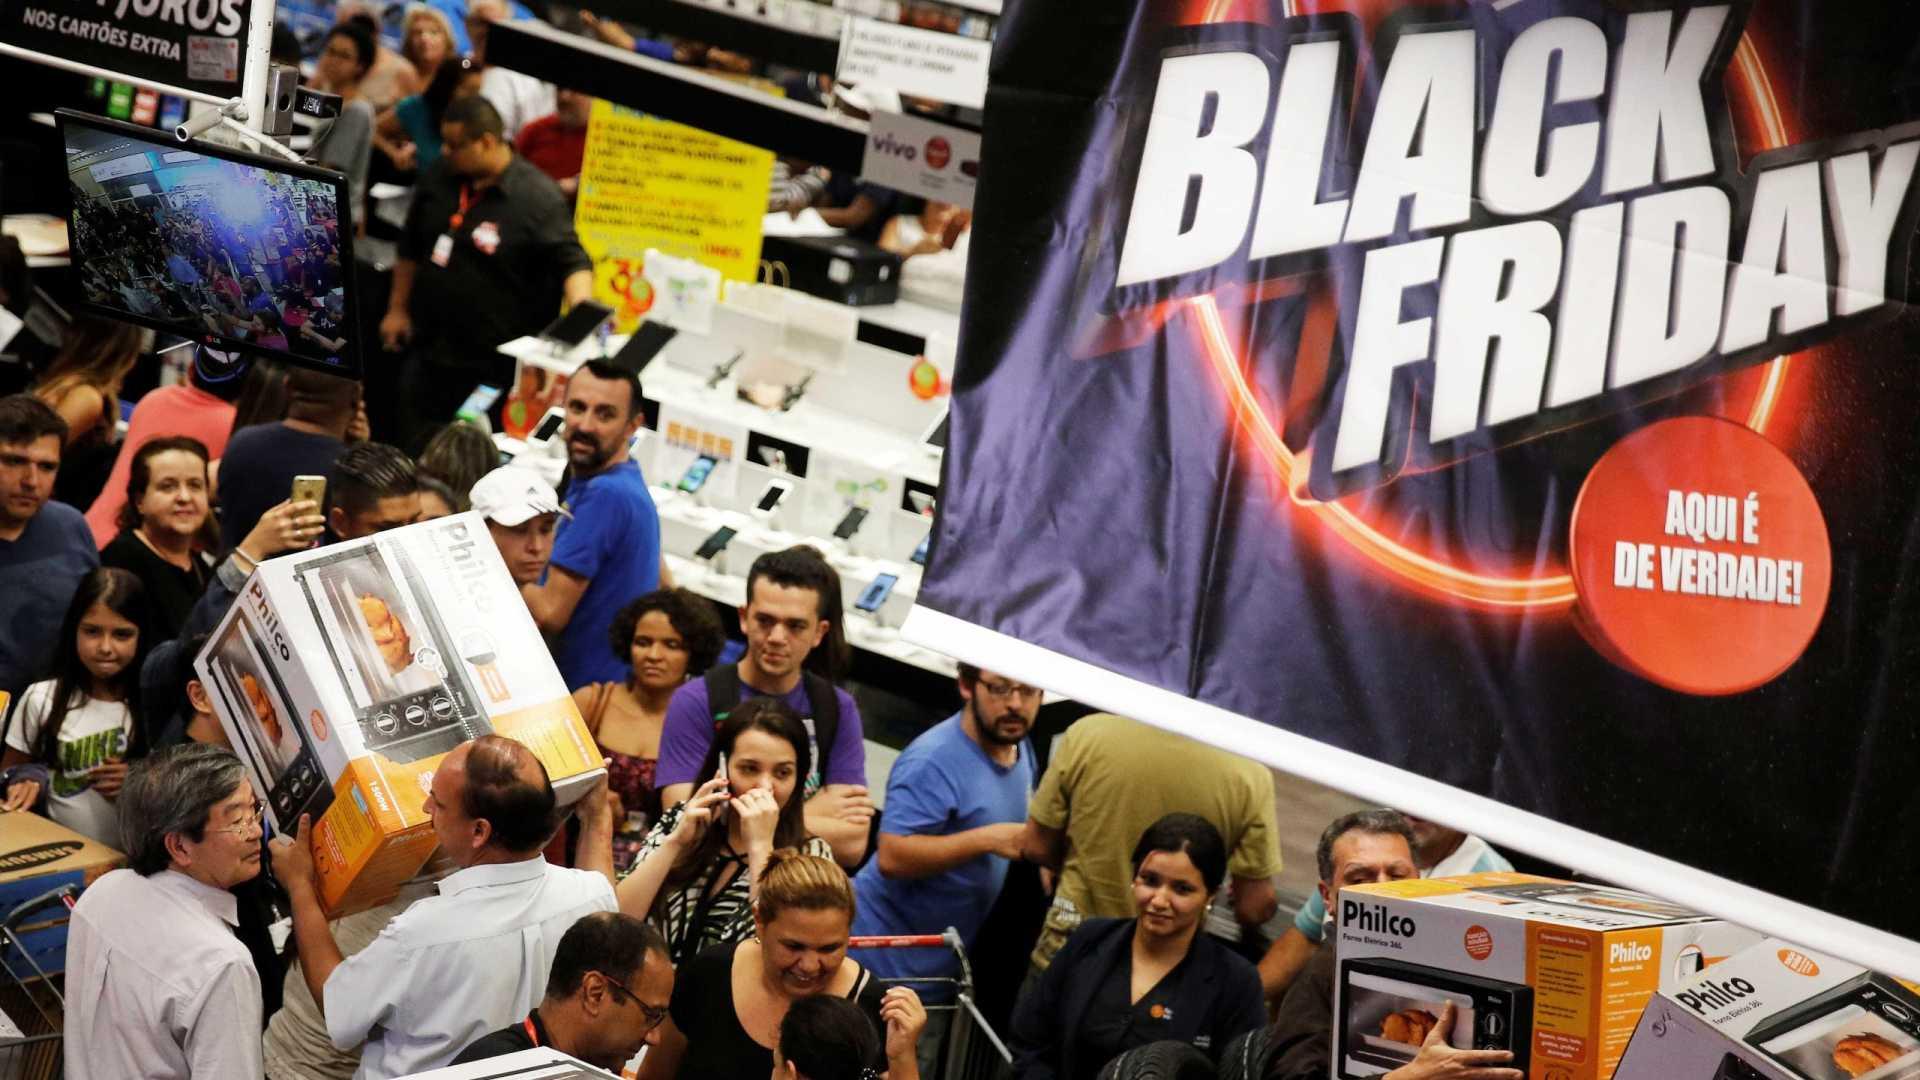 Fique ligado varejista: Procon prevê aumento de queixas na Black Friday